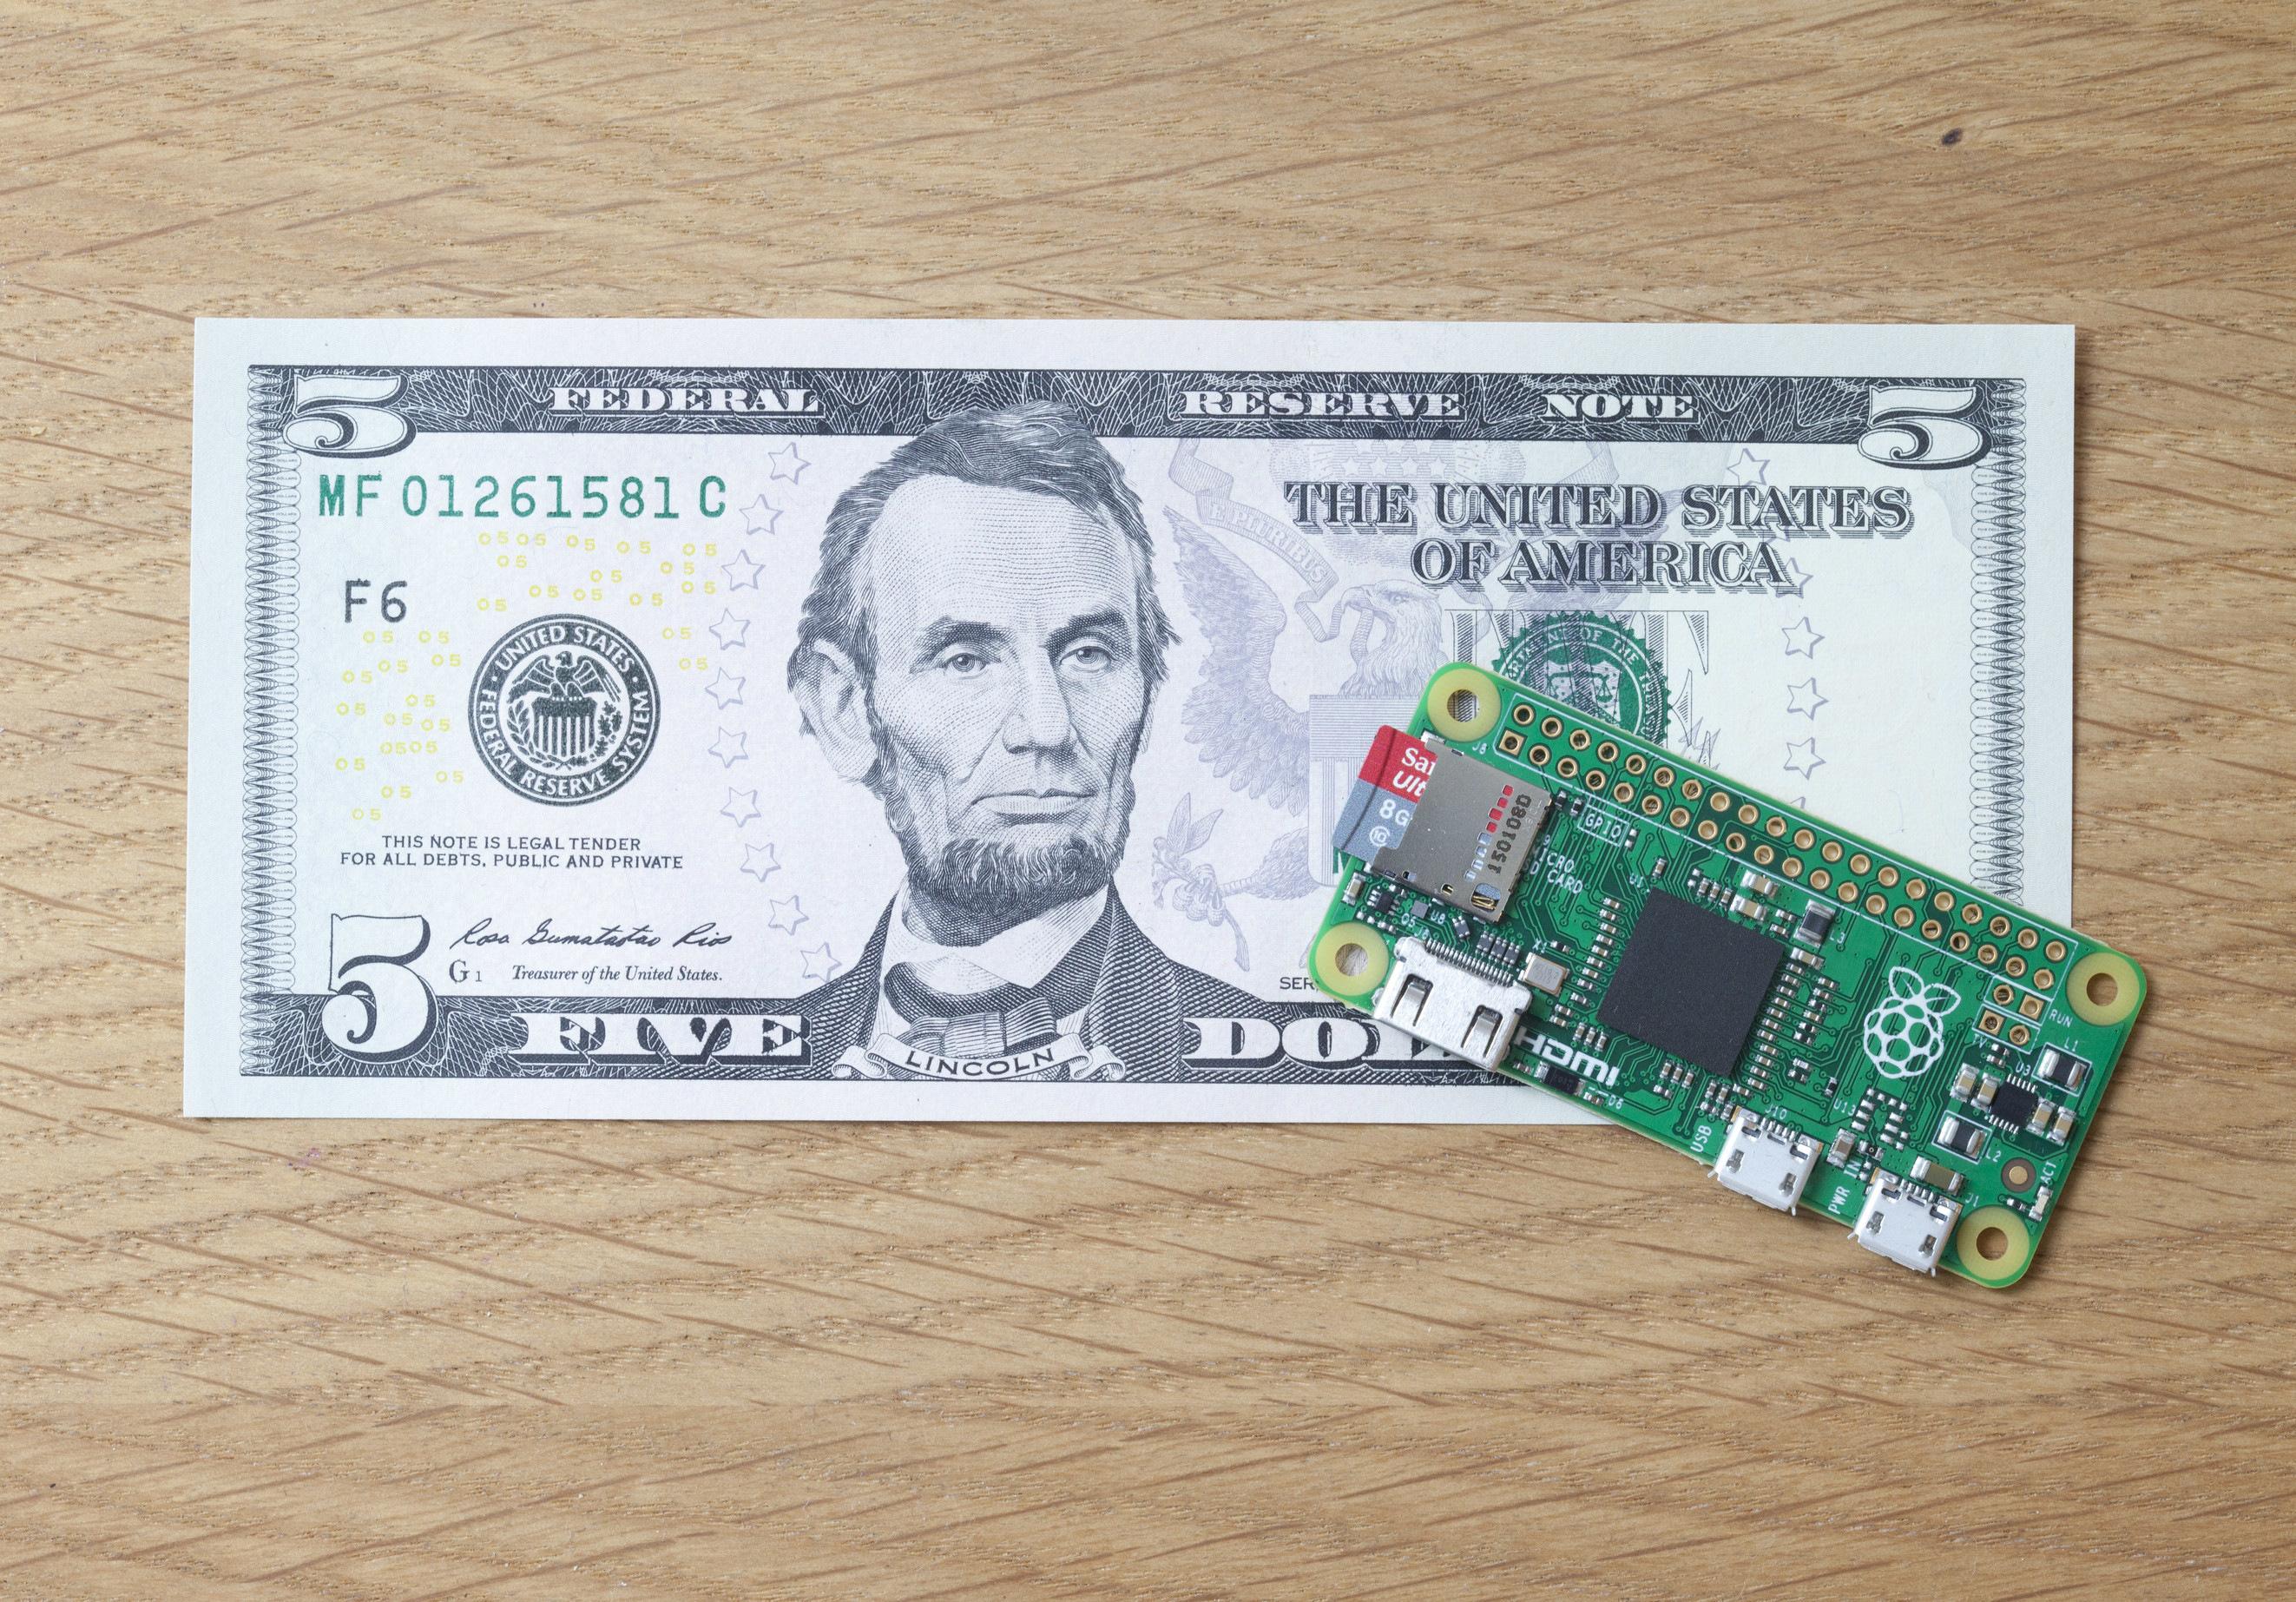 Raspberry Pi Zero: Spar-Pi für 5 US-Dollar - Raspberry Pi Zero im Vergleich mit einer 5 Dollar-Note (Foto: Raspberry Pi Foundation)